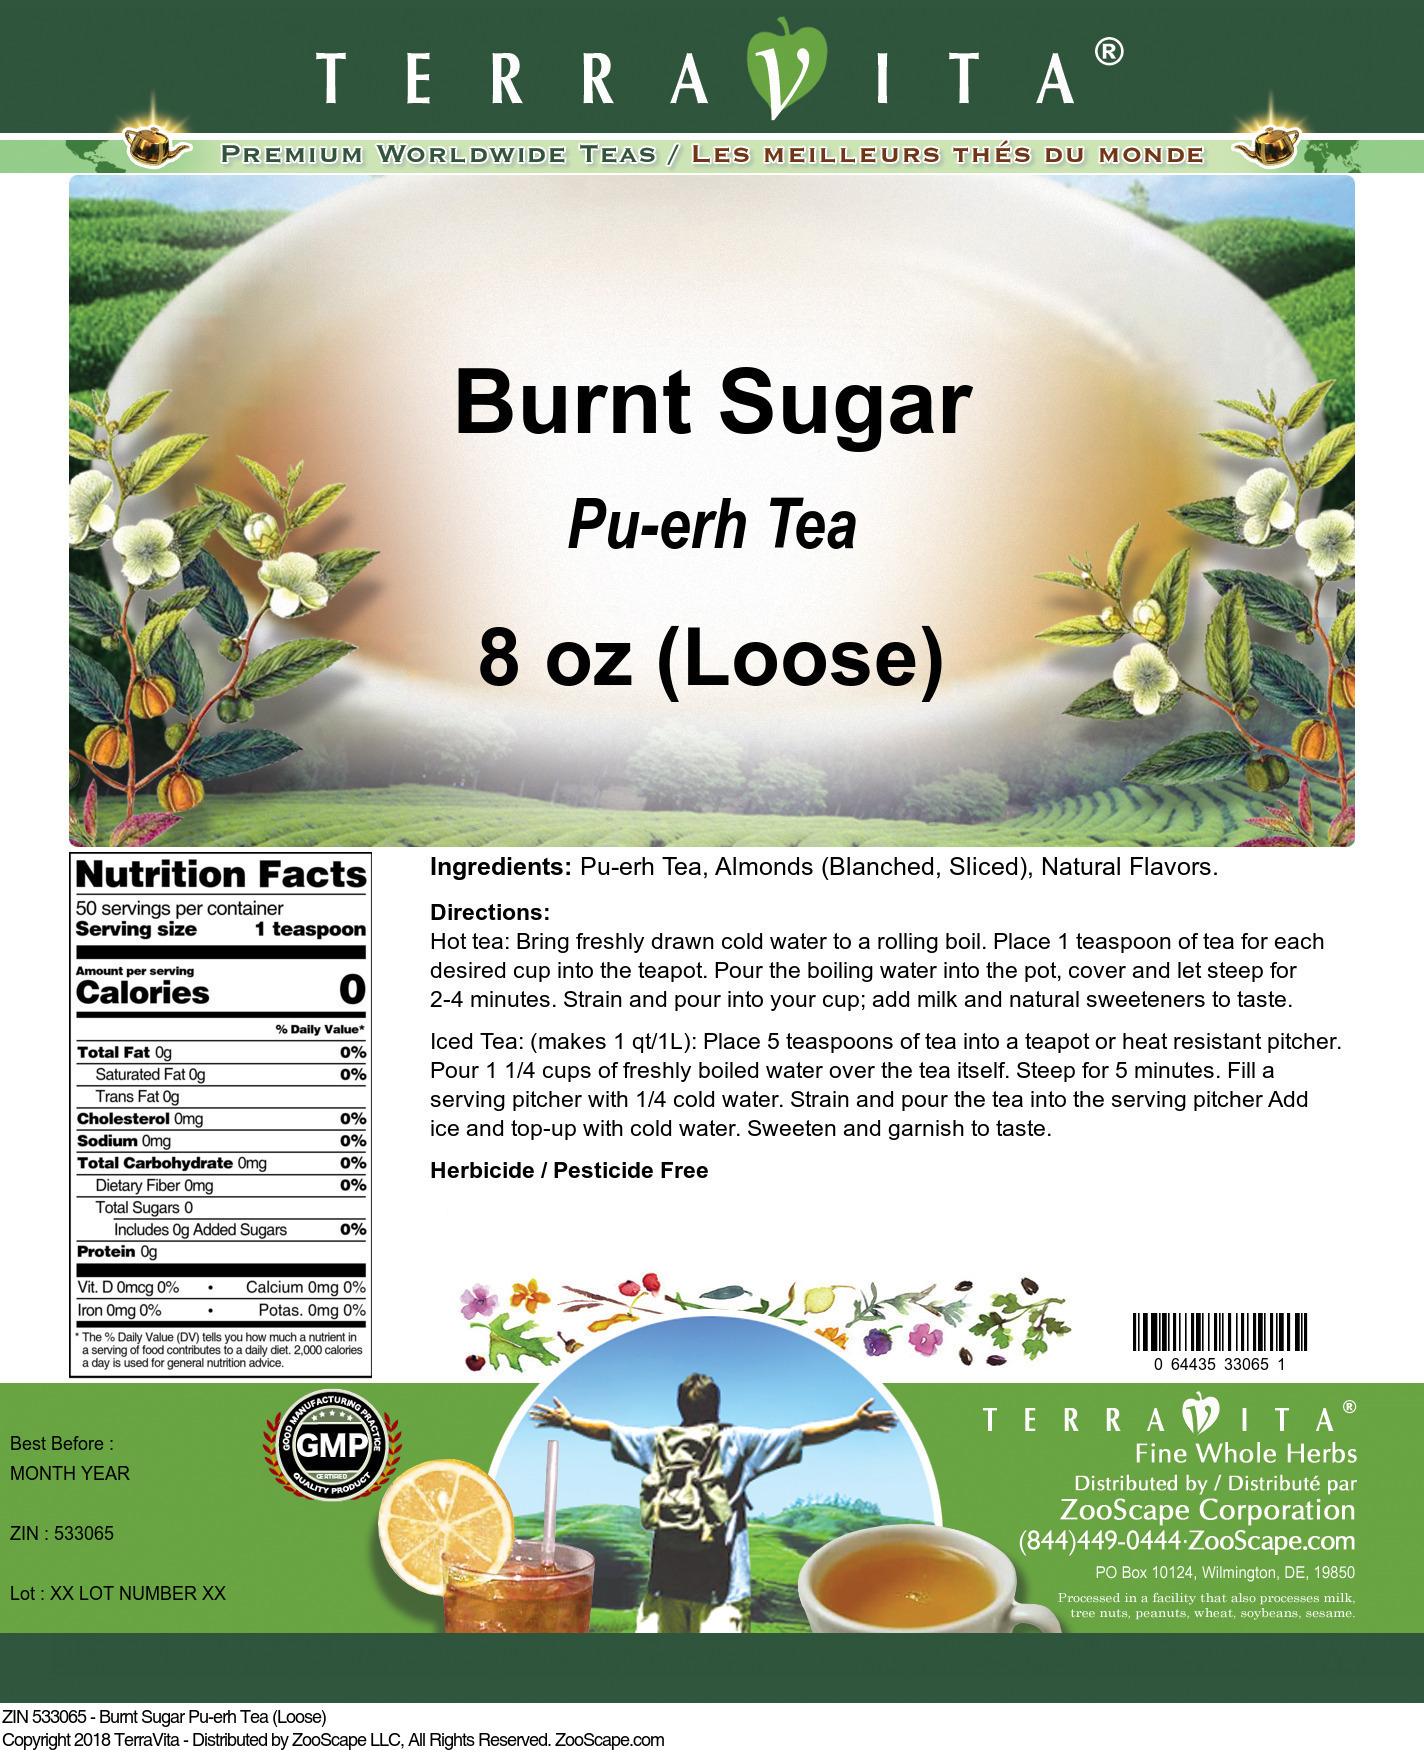 Burnt Sugar Pu-erh Tea